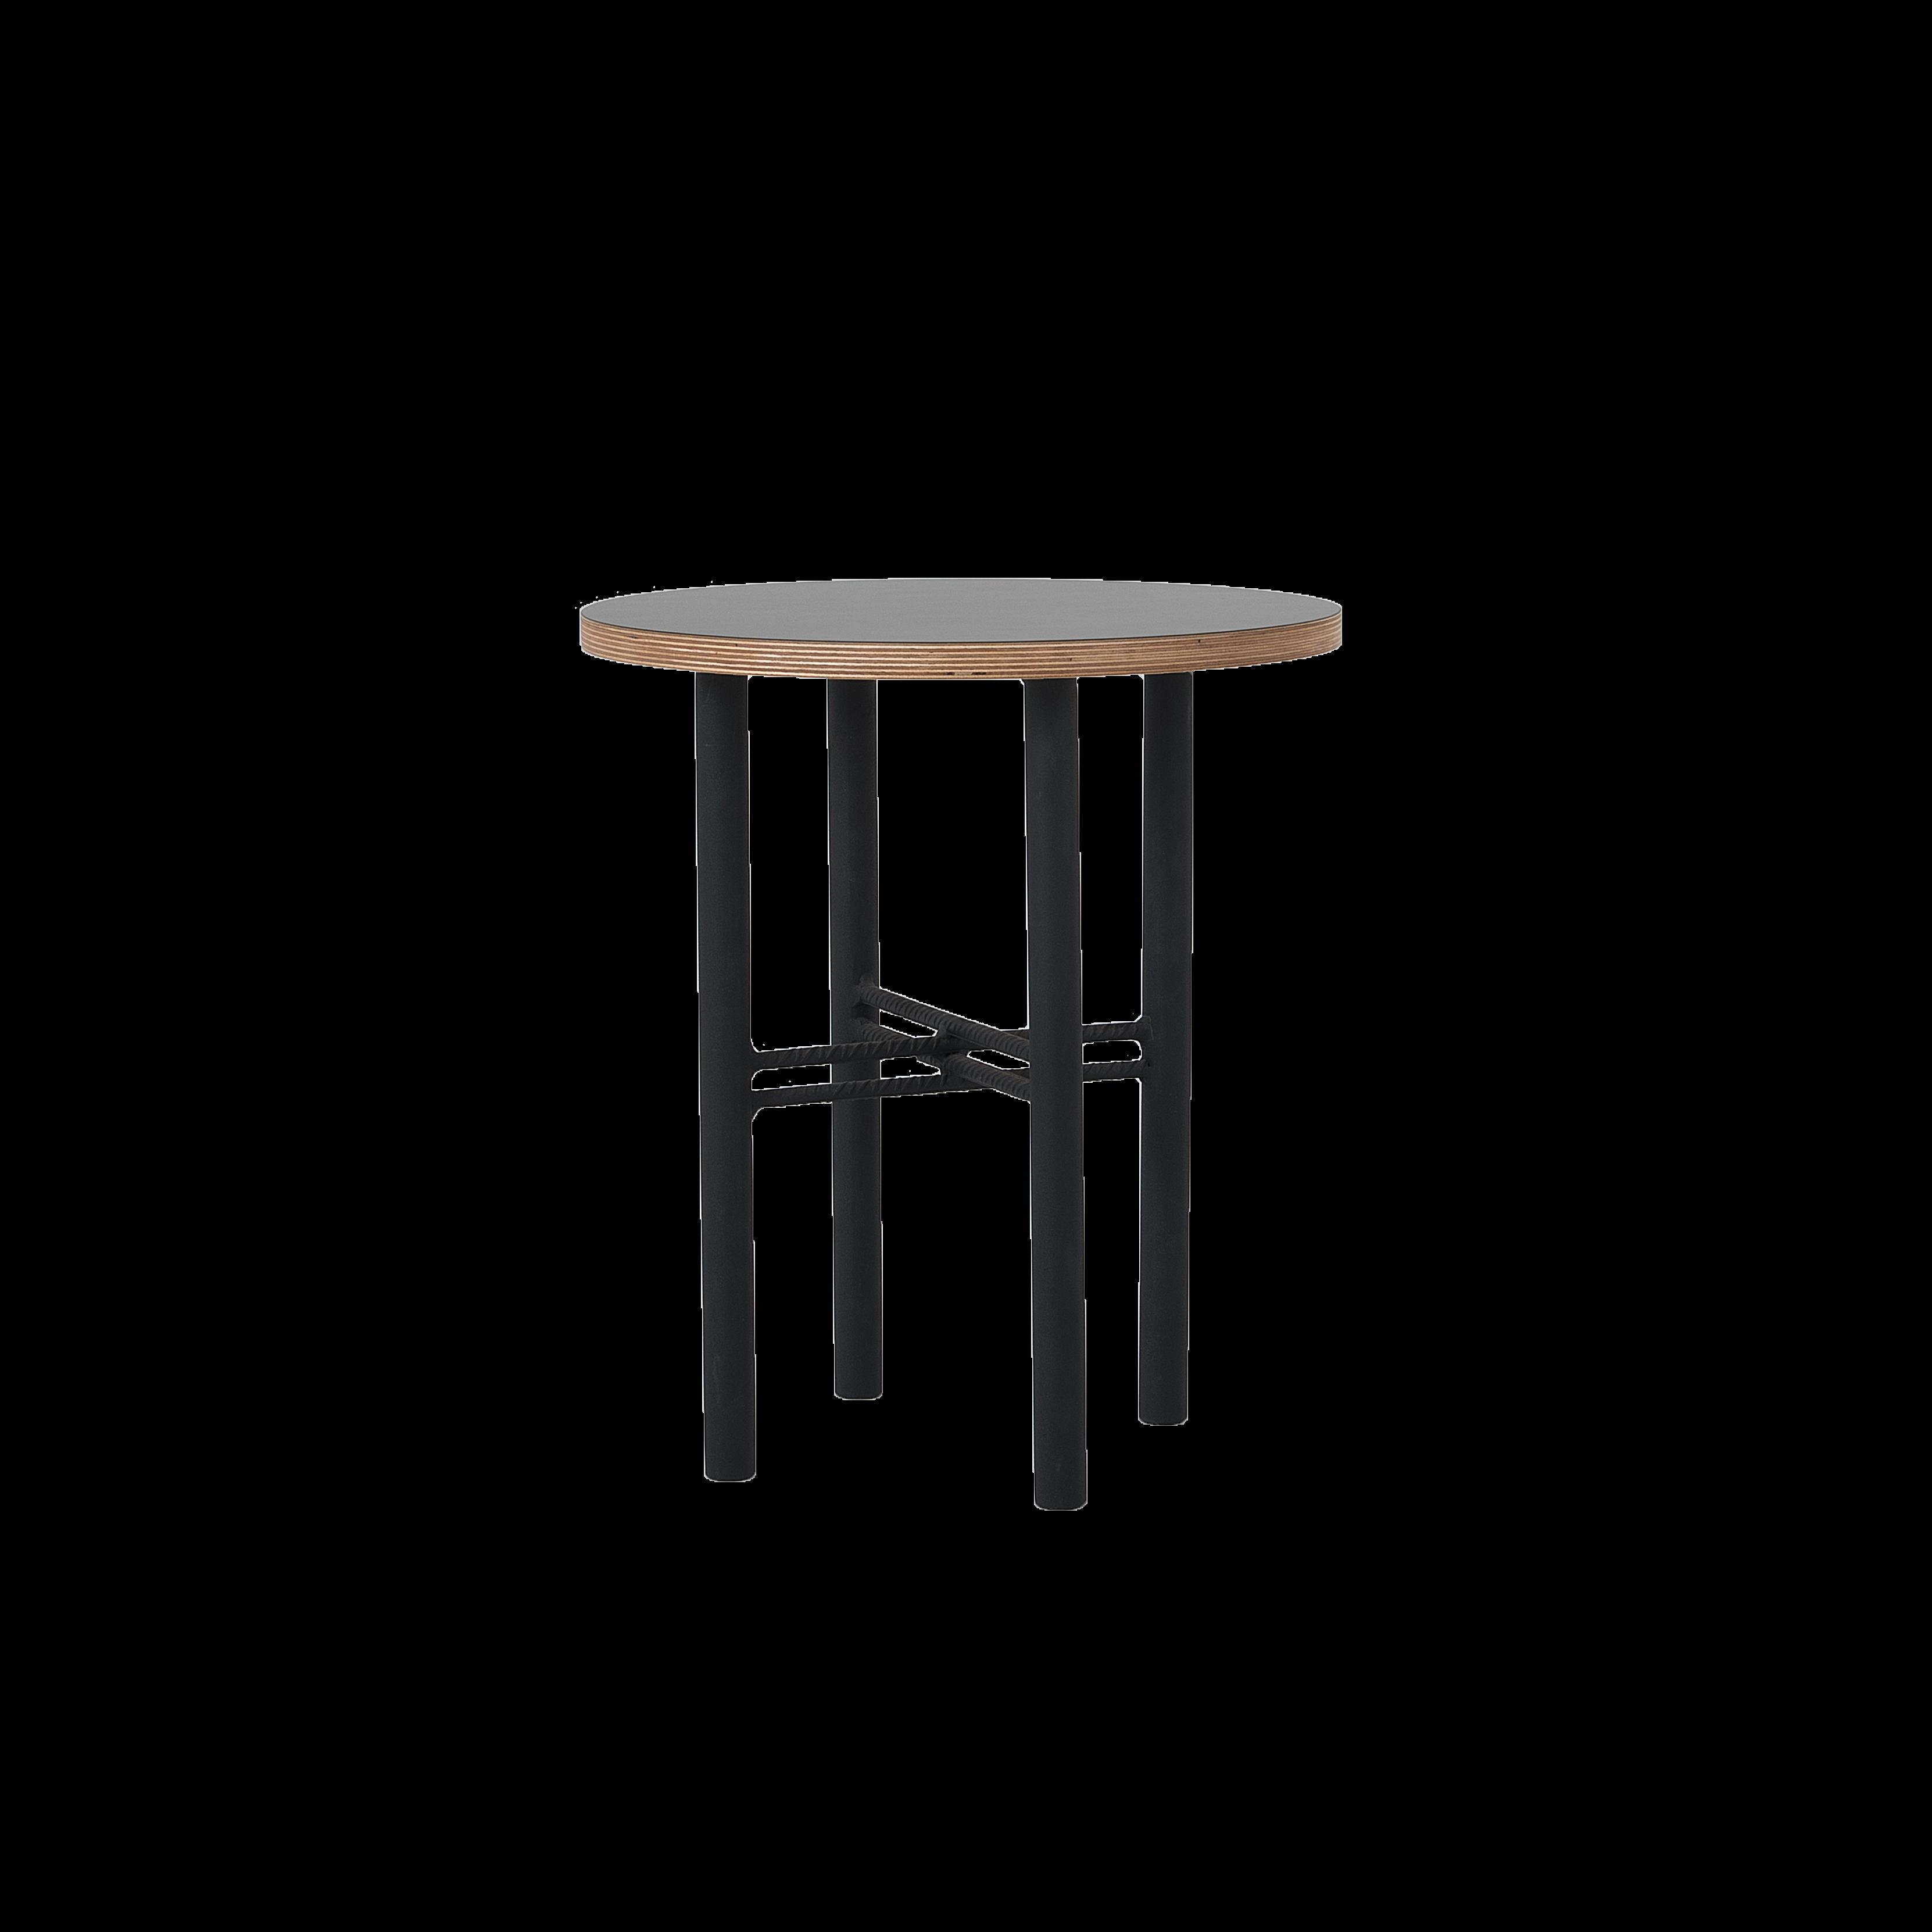 Beistelltisch Pento 40 x 40 x H 45 cm | Schwarz